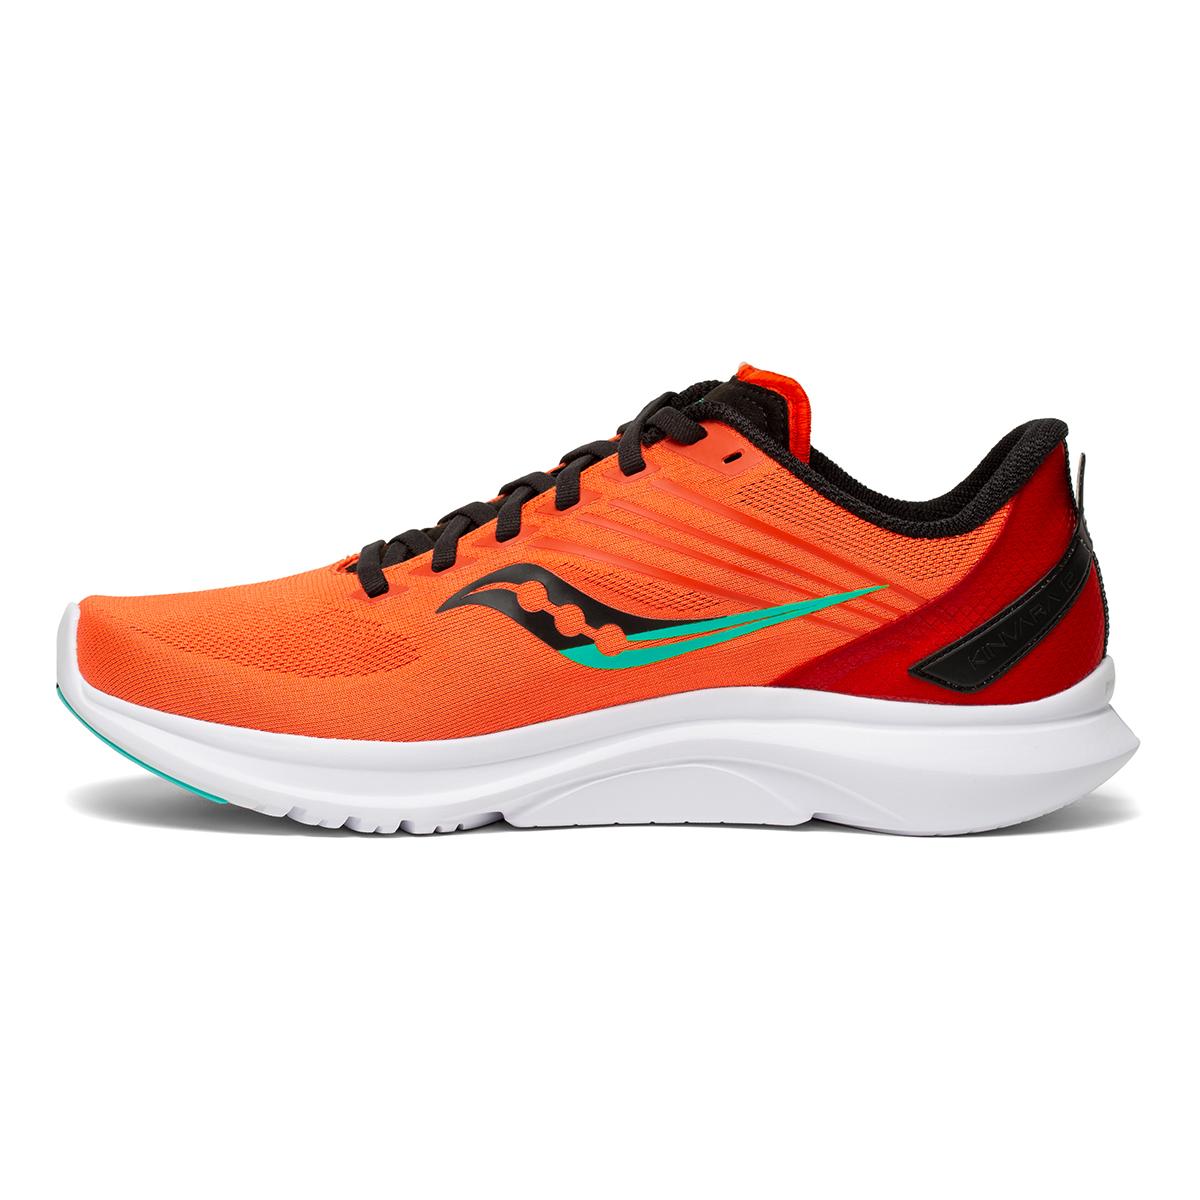 Men's Saucony Kinvara 12 Running Shoe - Color: Vizi/Scarlet - Size: 7 - Width: Regular, Vizi/Scarlet, large, image 2